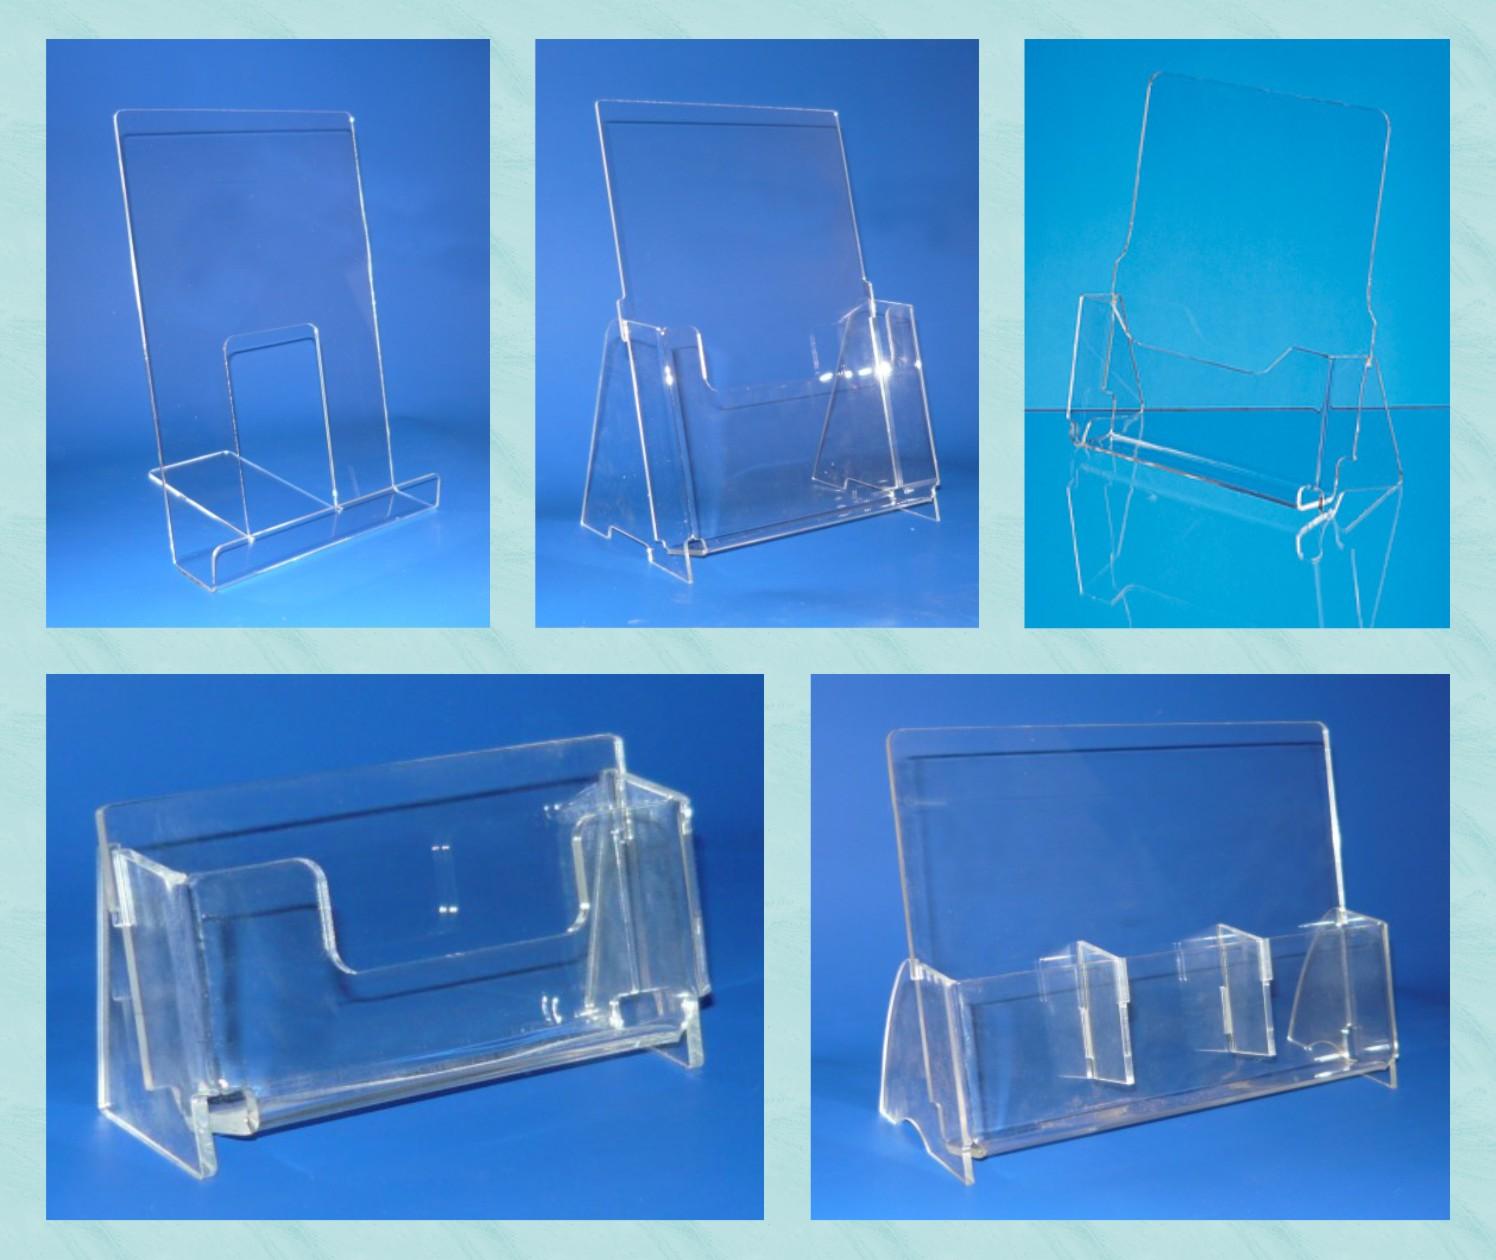 Торговое и рекламное оборудование (POS-материалы и изделия из оргстекла)